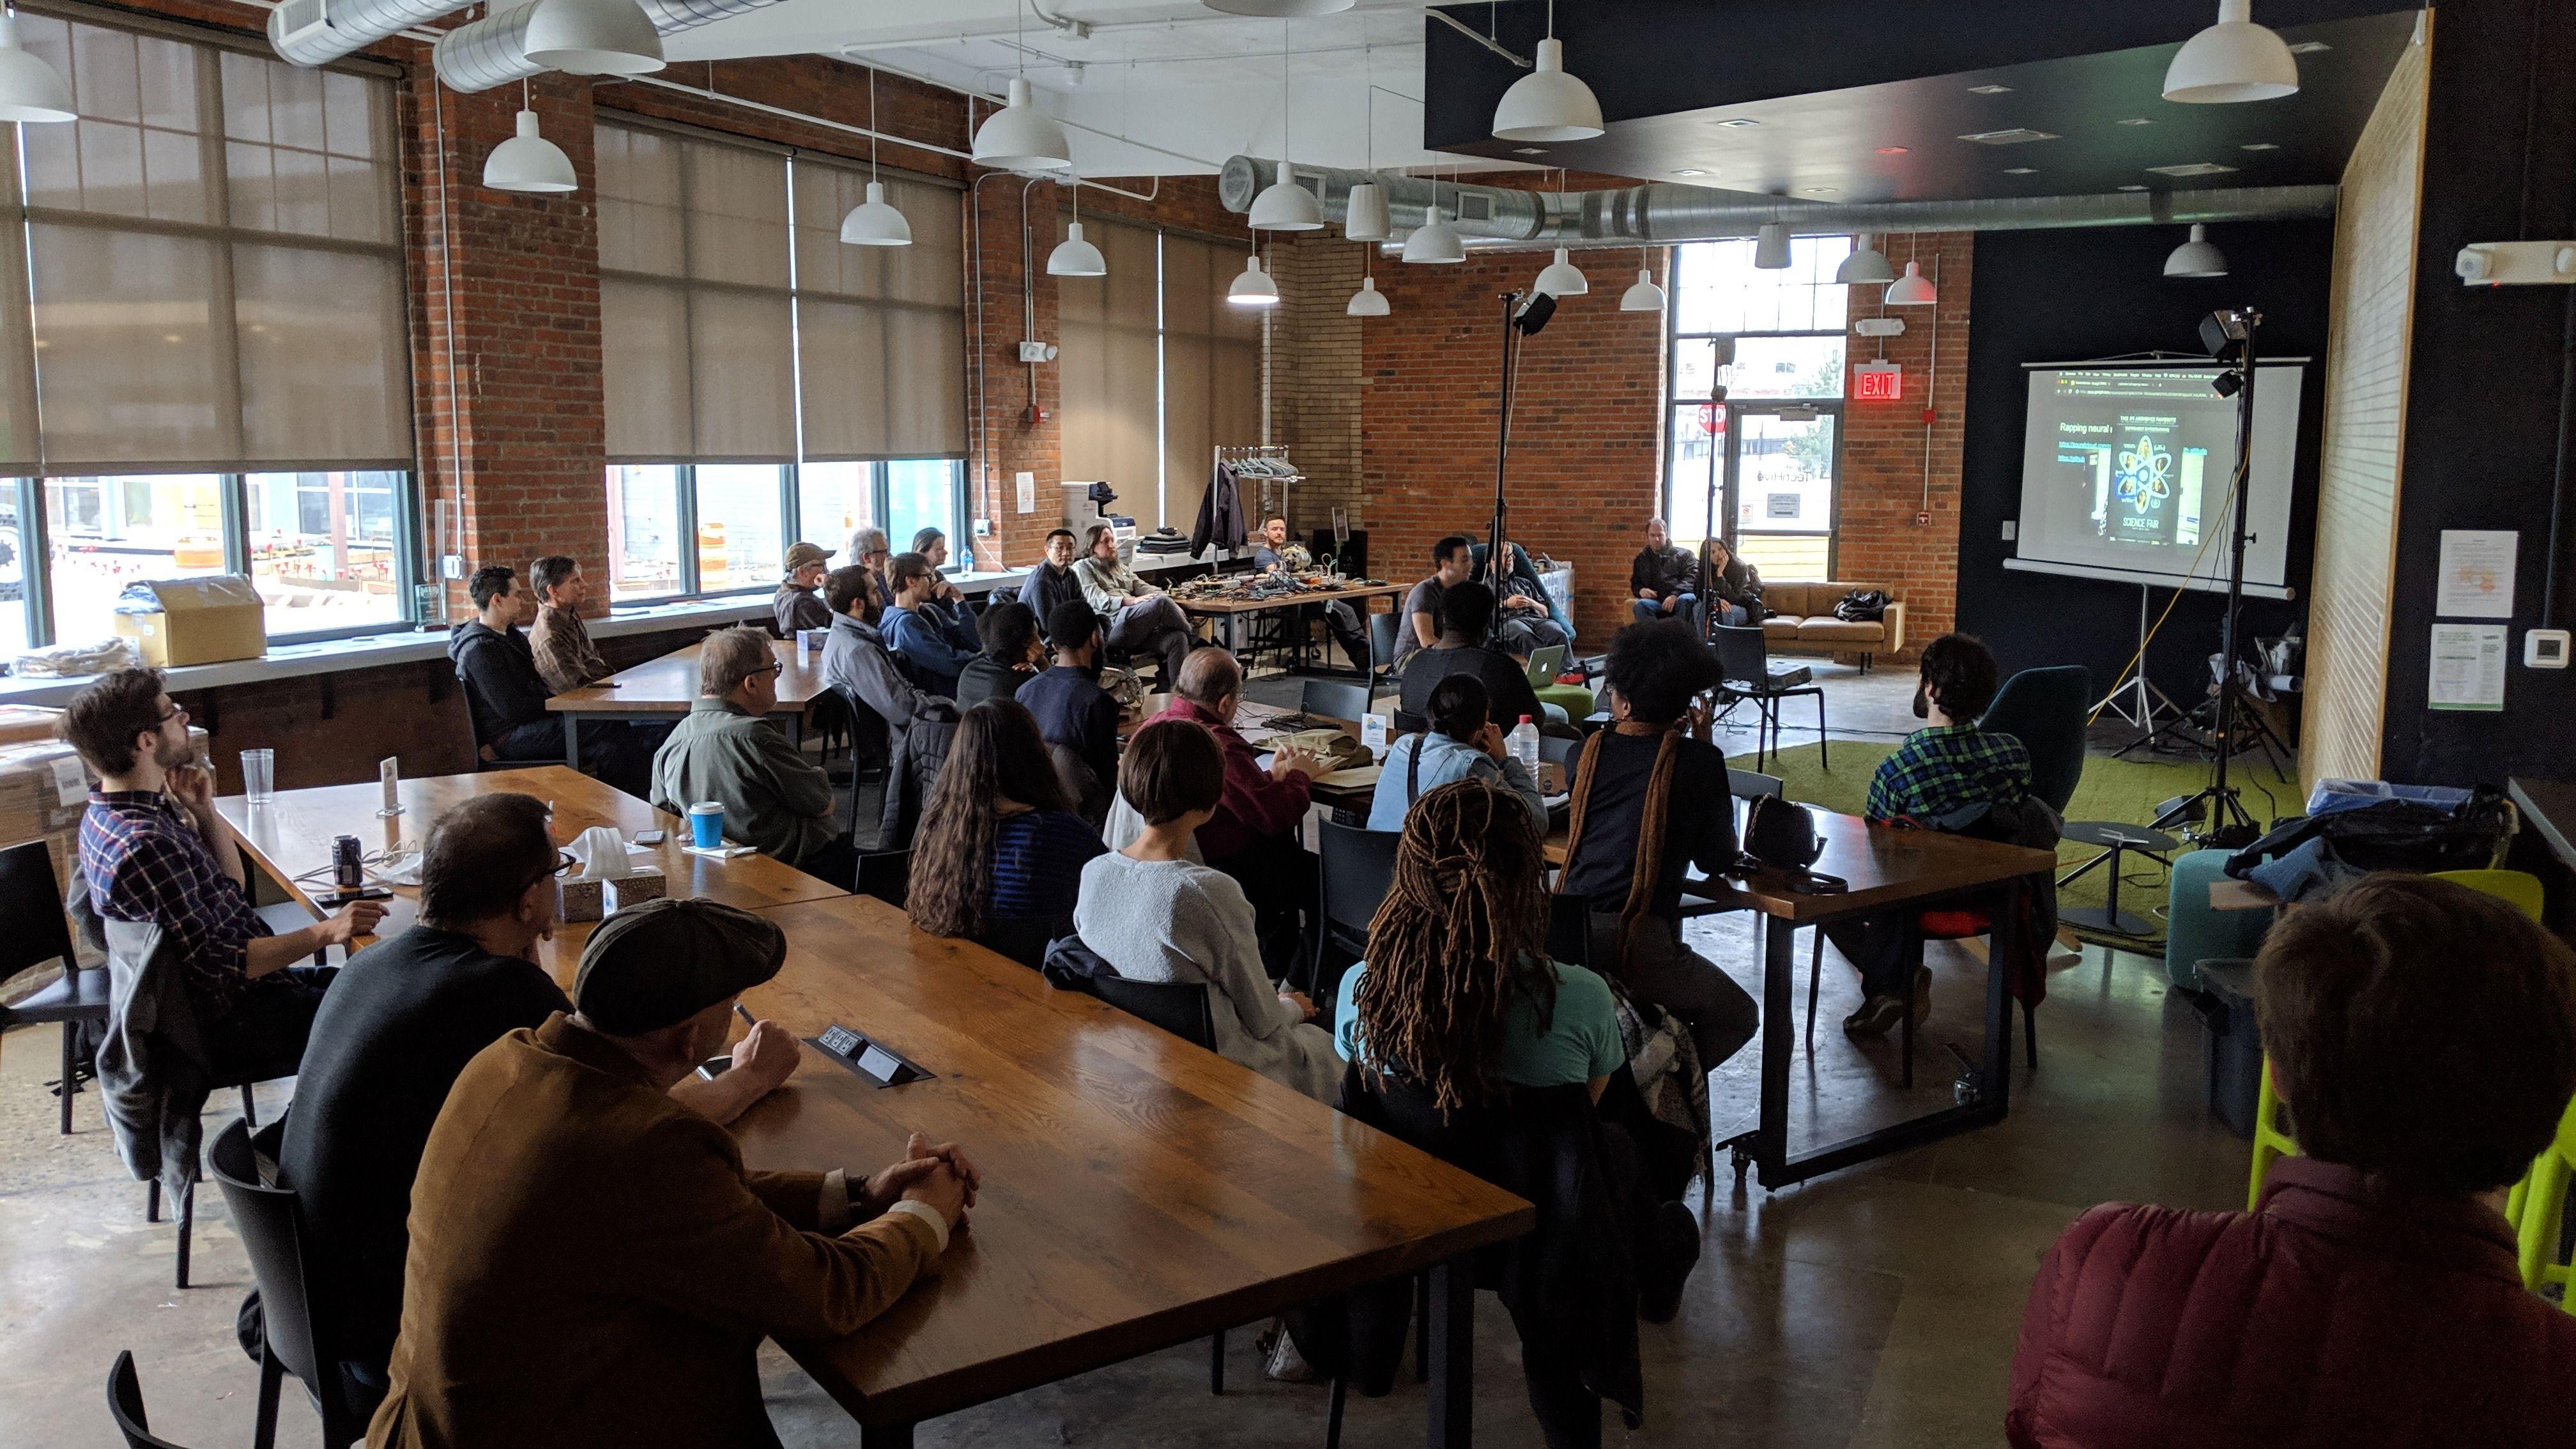 Cleveland Art, Music + Technology Meetup